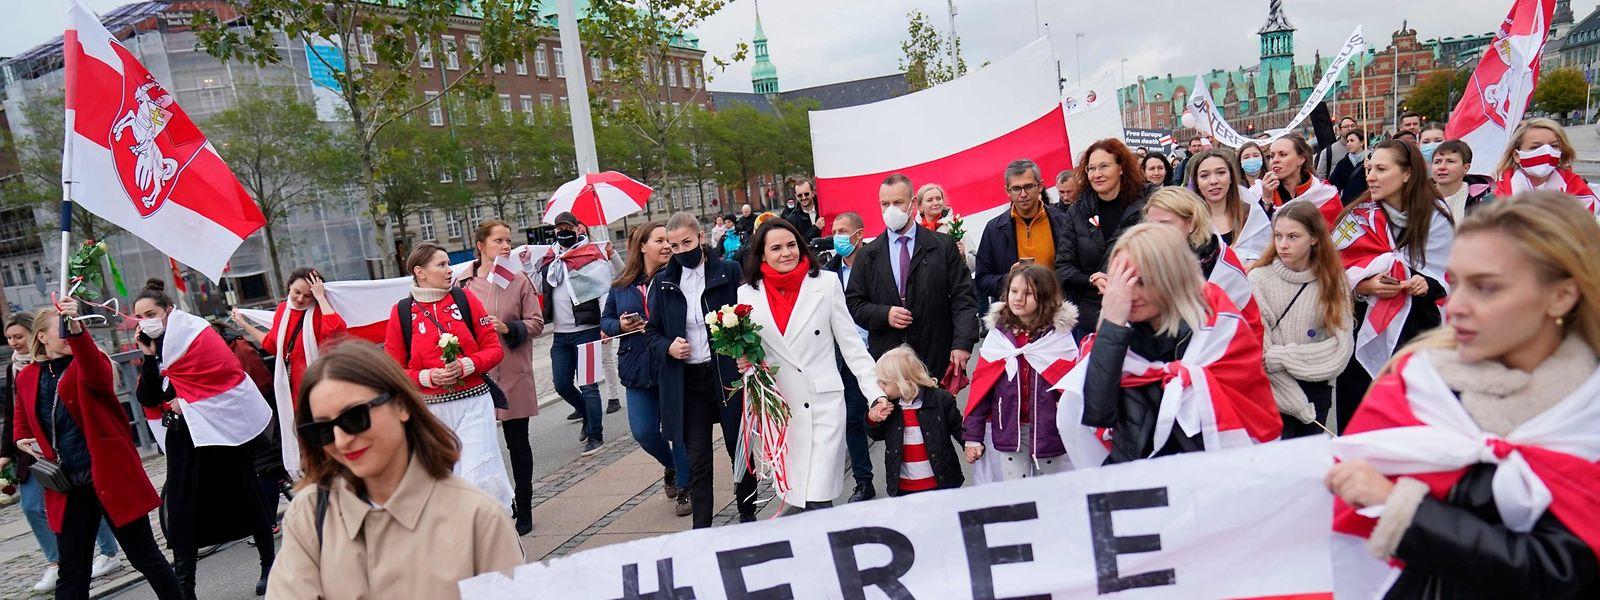 Die Oppositionsführerin Swetlana Tichanowskaja beiteiligt sich an Demonstrationen gegen Lukaschenko in Dänemark.